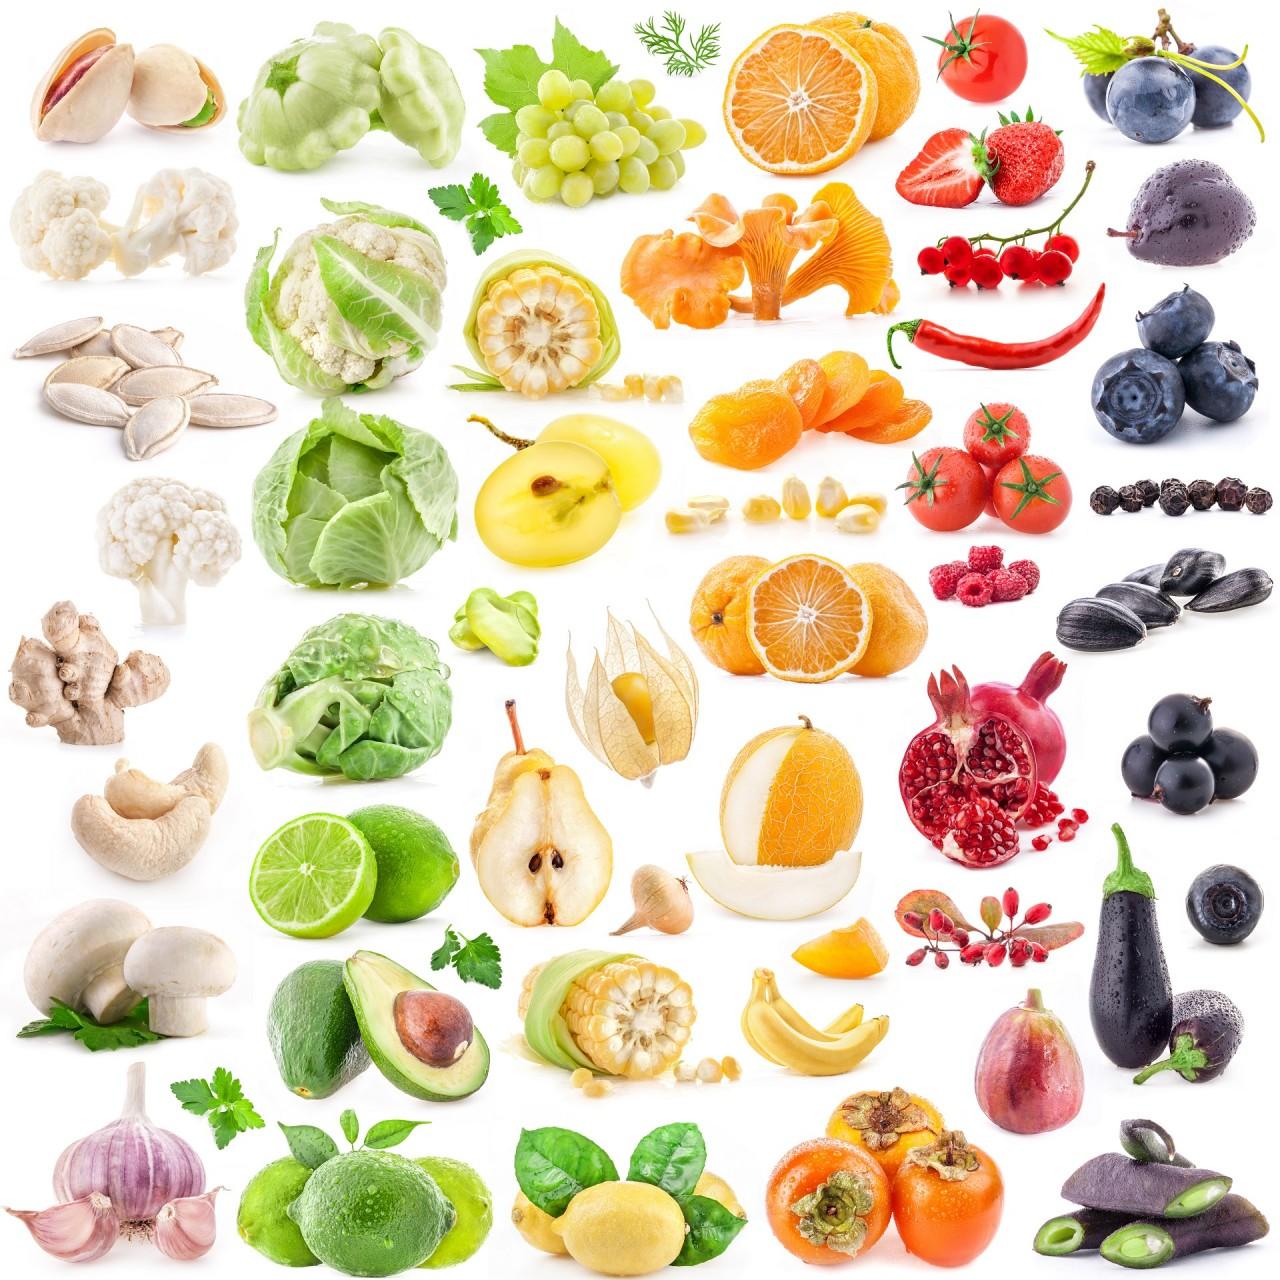 Топ и перечень самой полезной еды на планете, омолаживающий эффект еды.